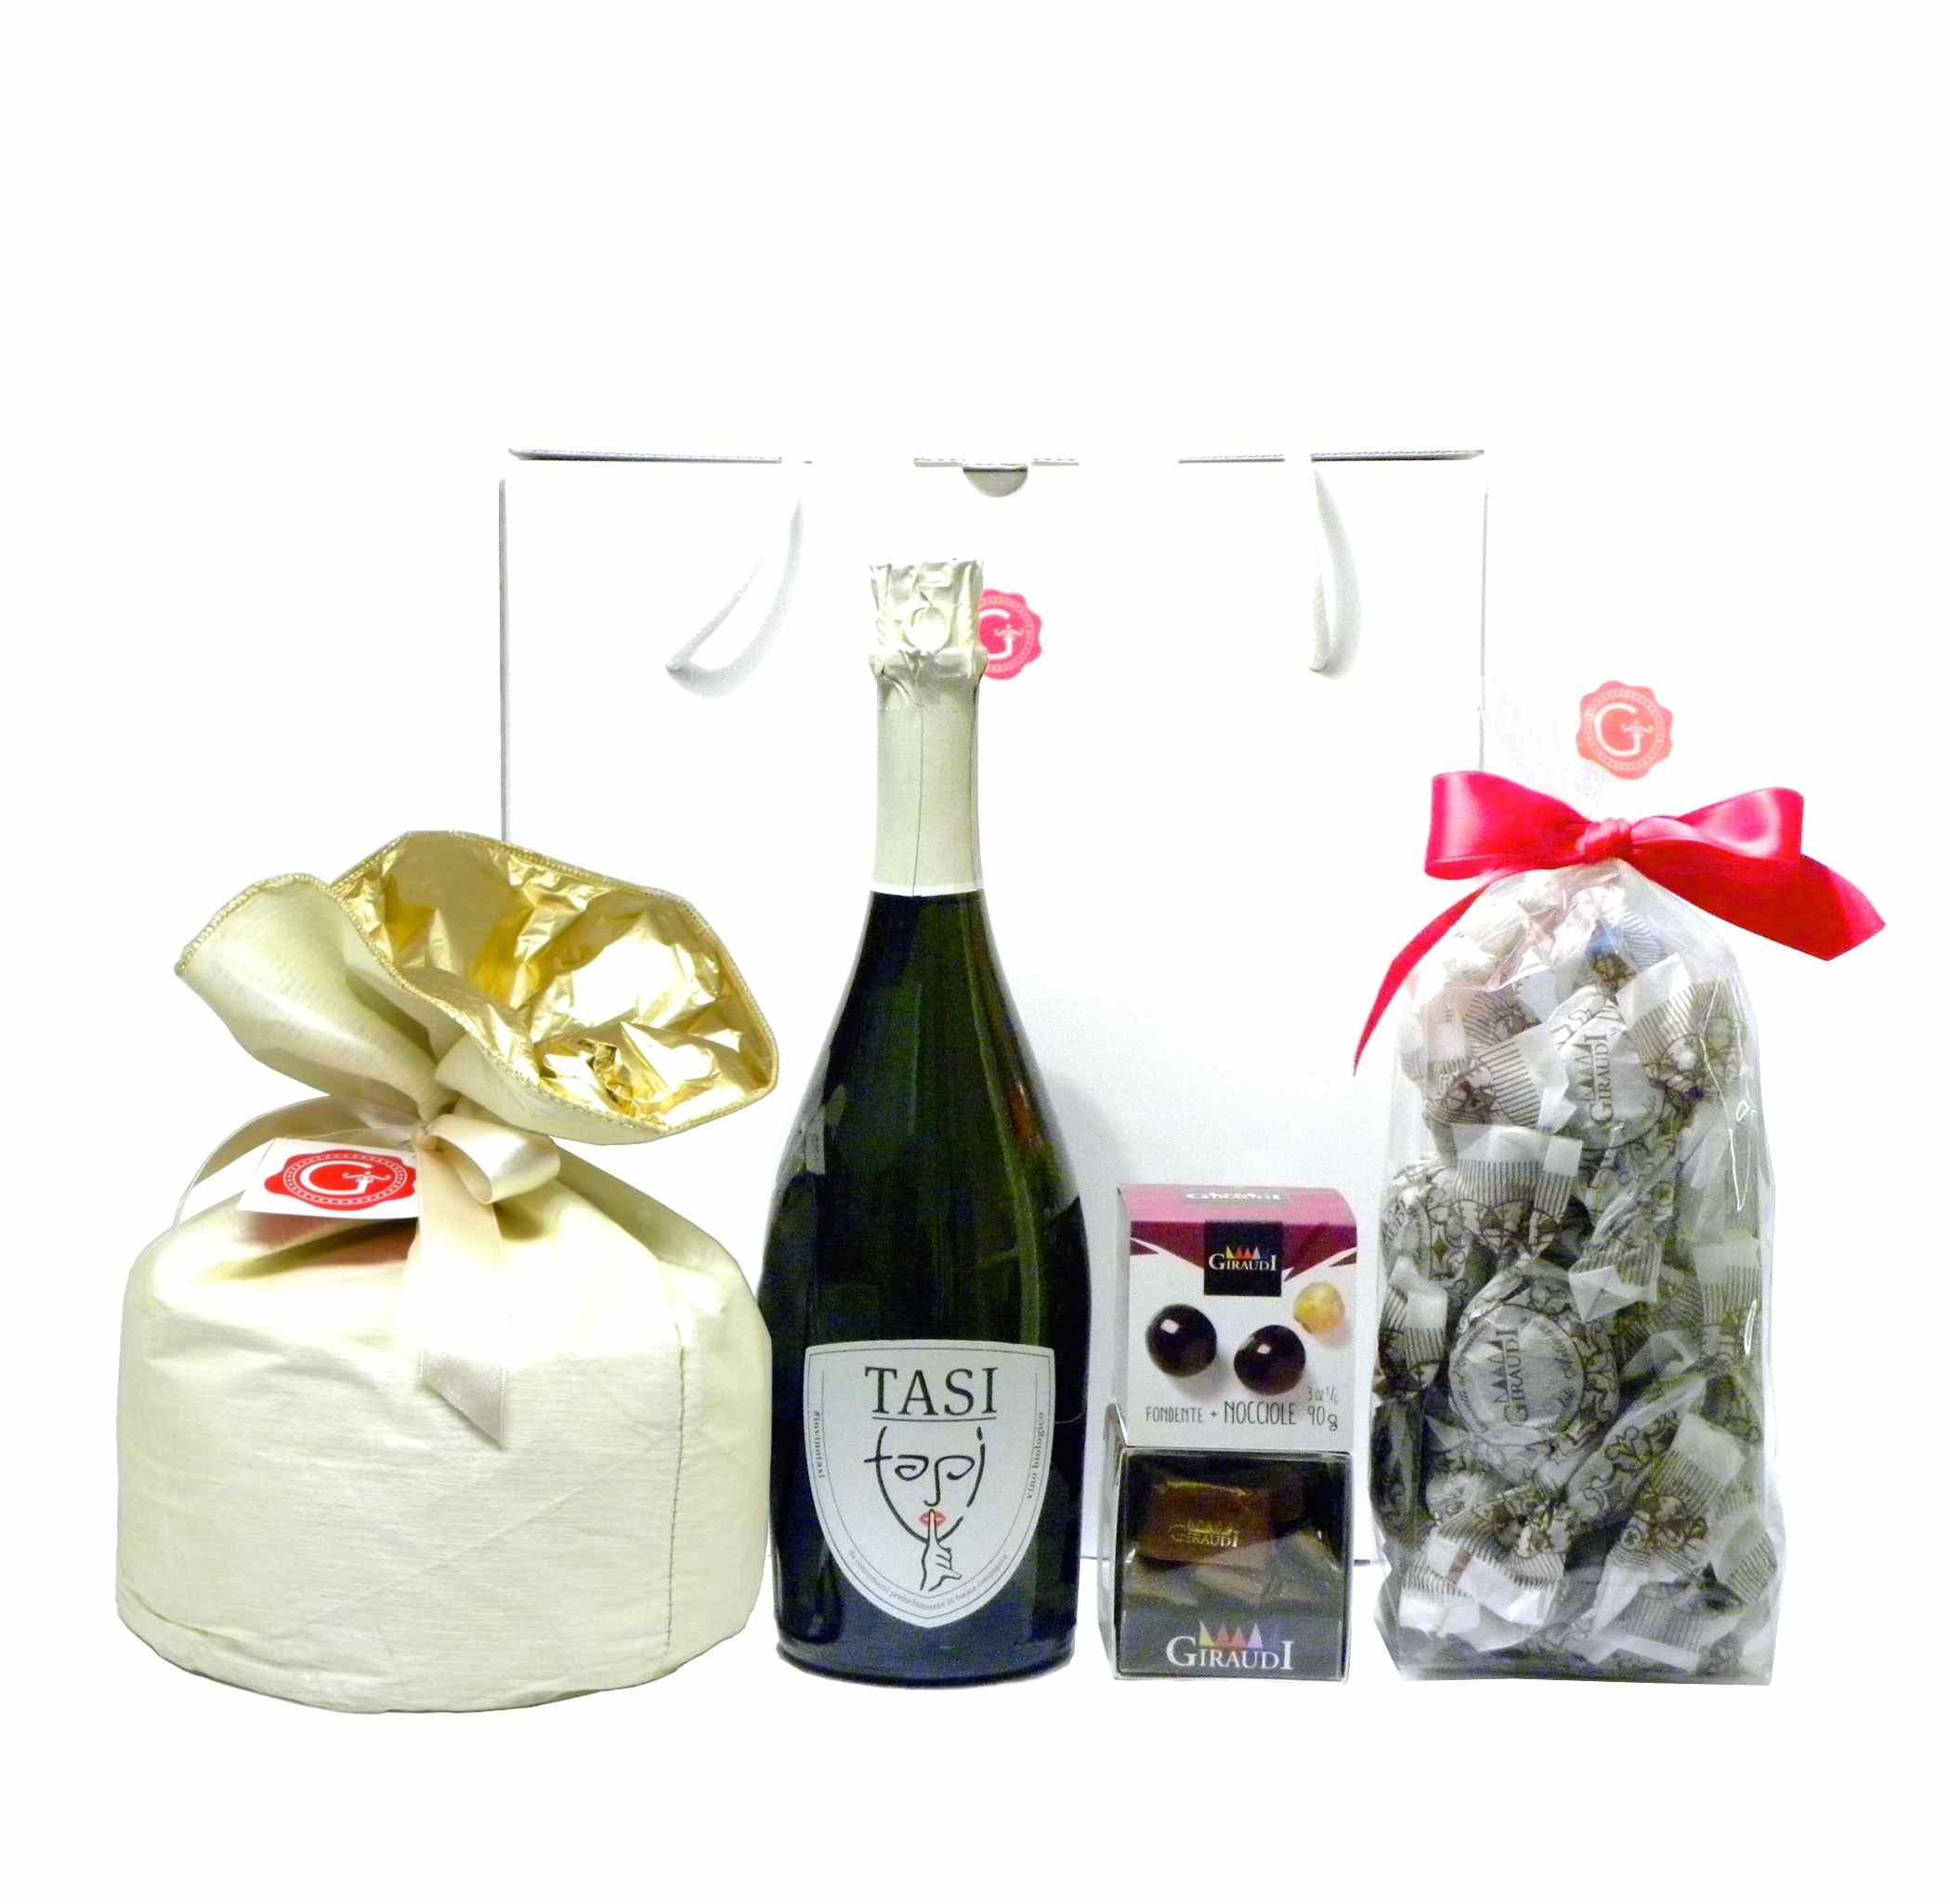 Confezione regalo Panettone lievito madre Prosecco Gianduiotti amaretti – Gift Box Panettone other yeast Prosecco wine gianduiotti chocolate – Gustorotondo – Italian food boutique